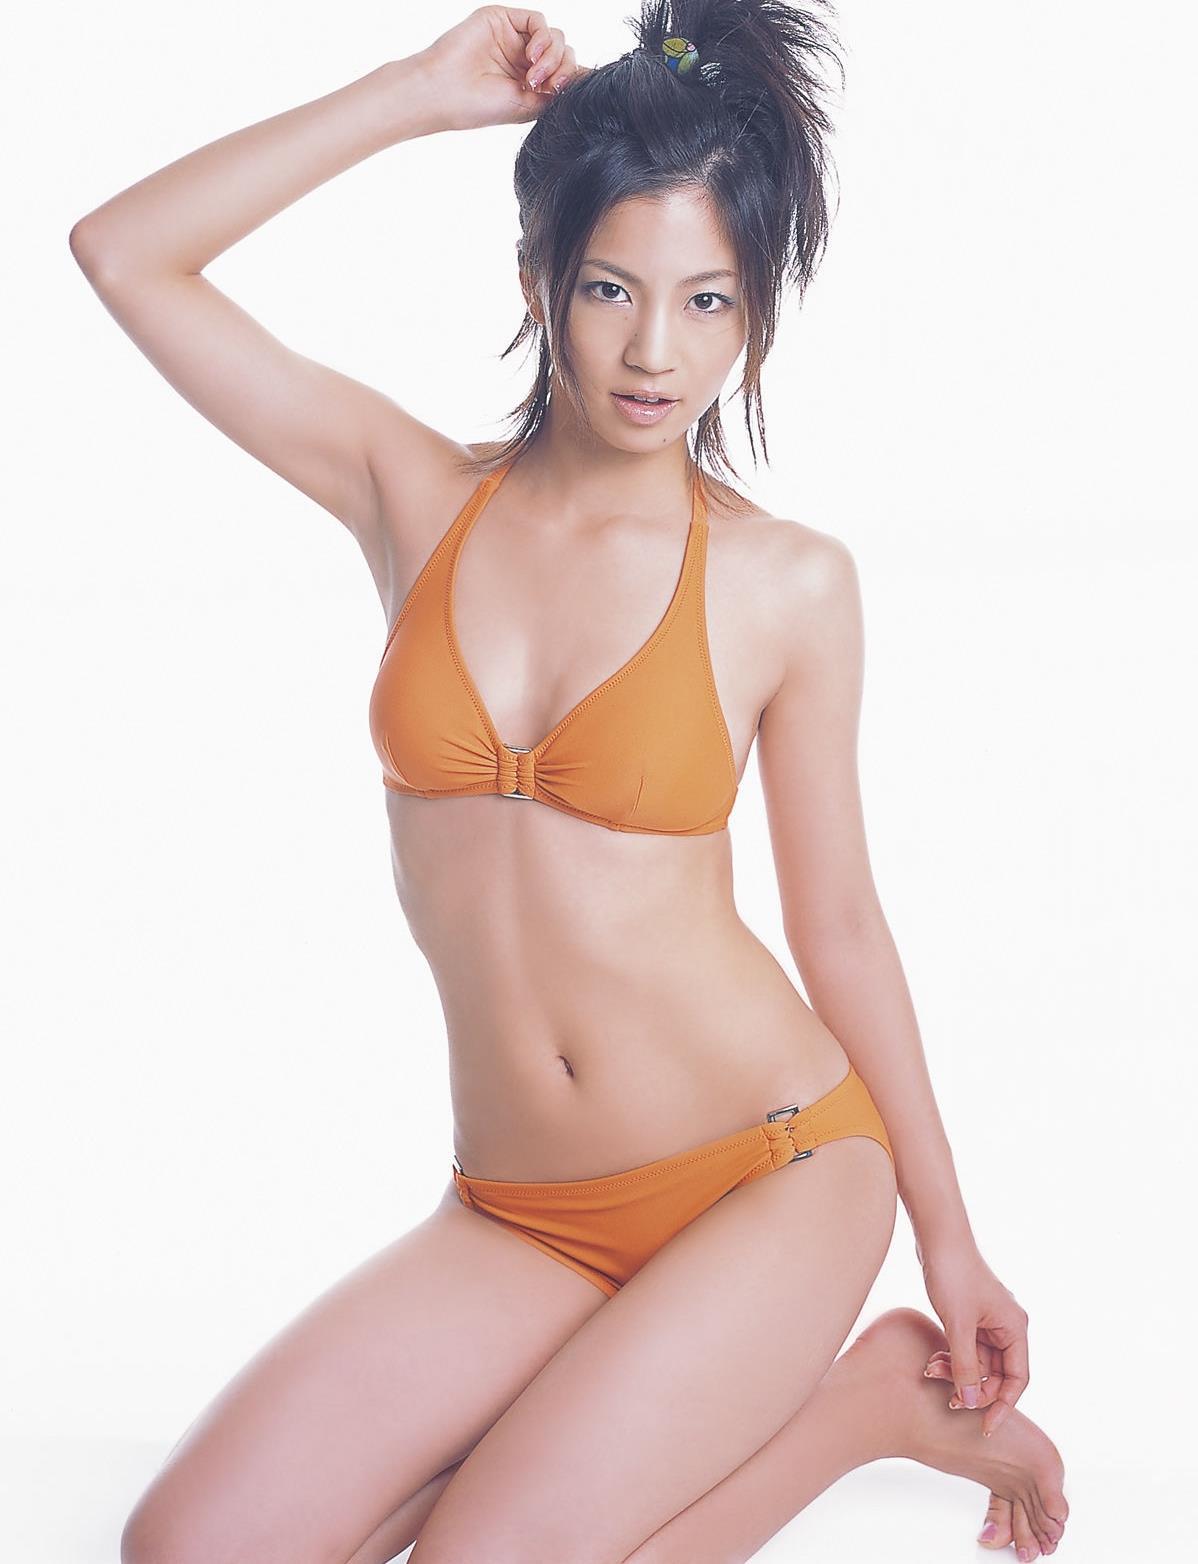 安田美沙子 画像 53